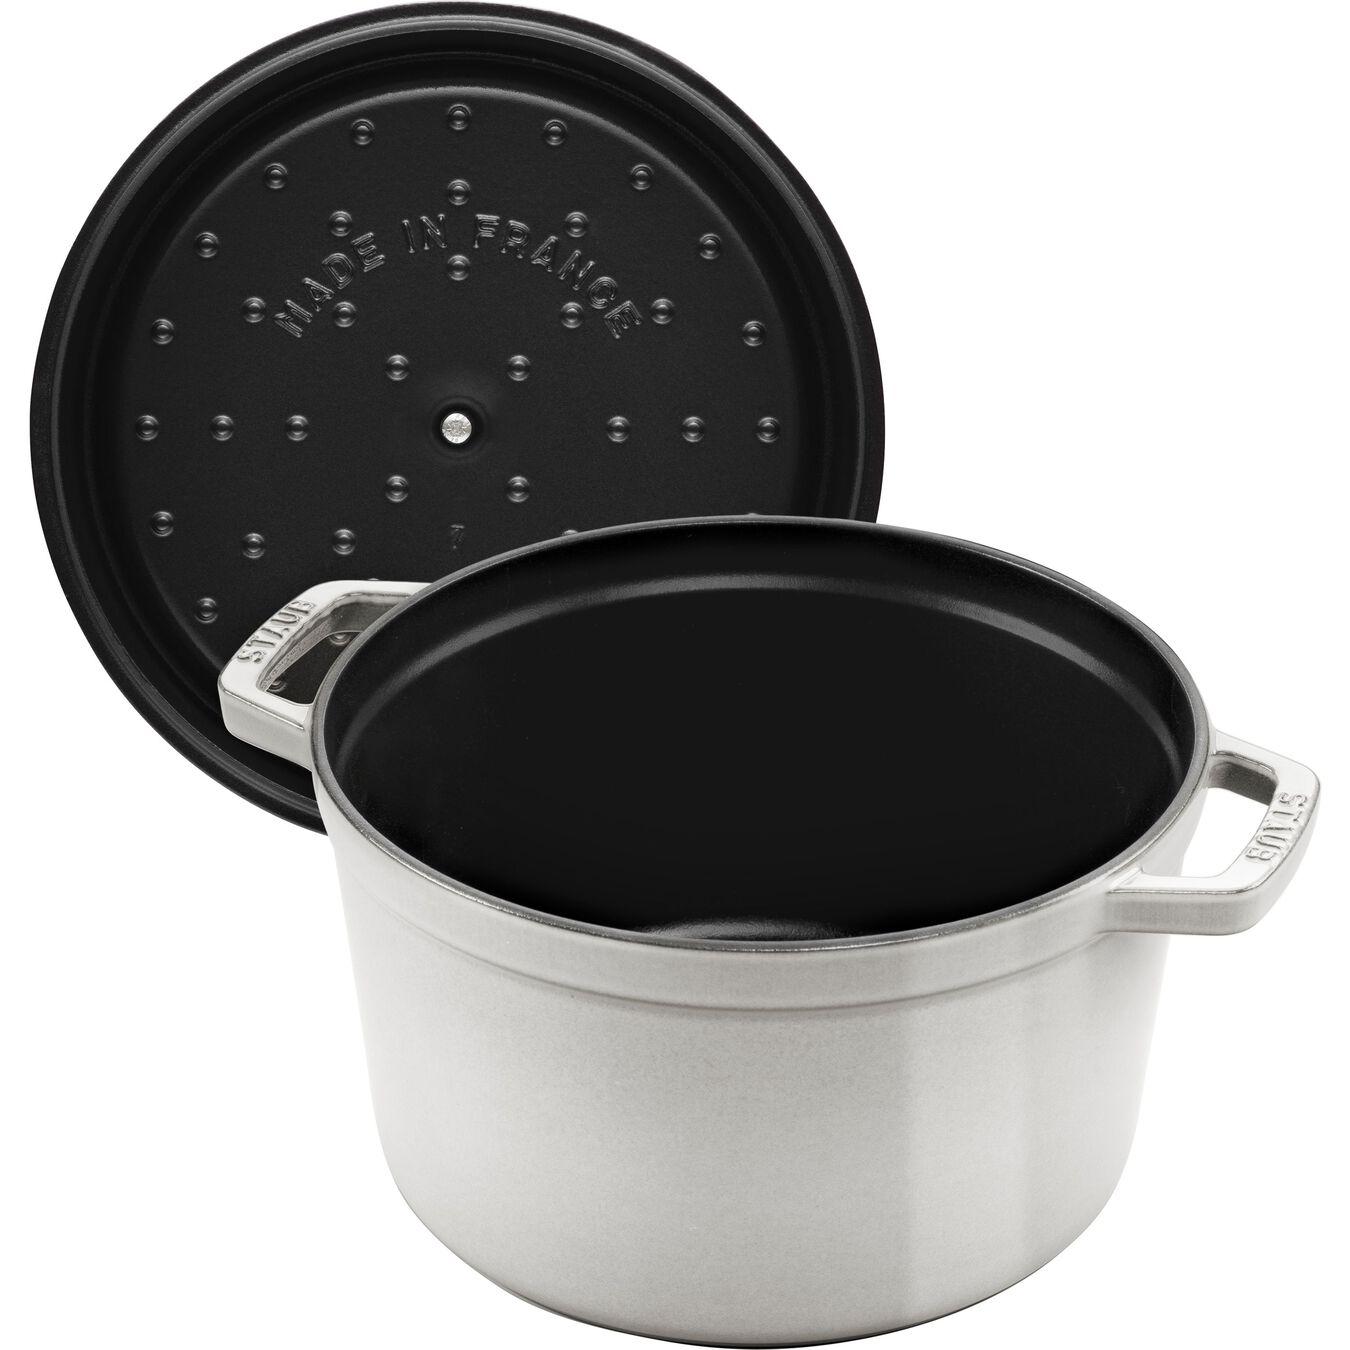 Cocotte 24 cm, Rond(e), Sauge, Fonte,,large 3